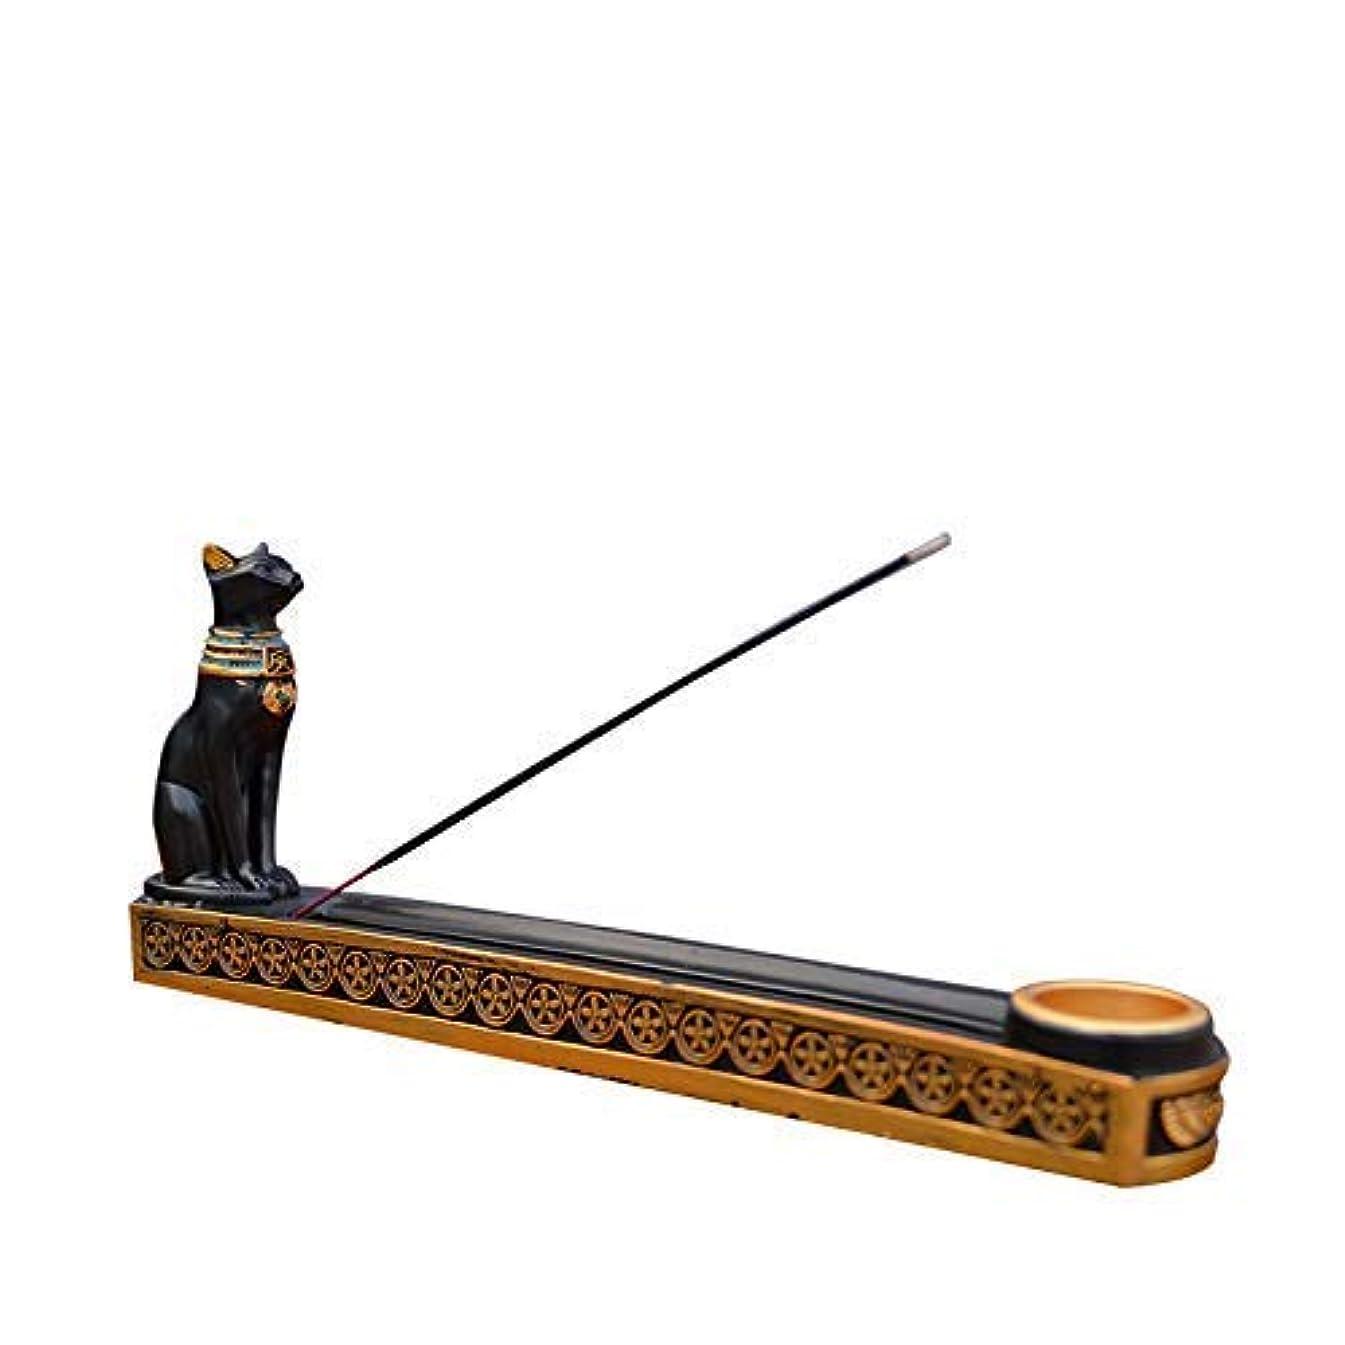 すべて既に絶望tonntyann 横置き お香立て ボックス 猫 寝かせ スティックおしゃれ 線香立て お香 古代エジプト風 バステト神 アロマ お香 横置き ヒエログリフ ネ